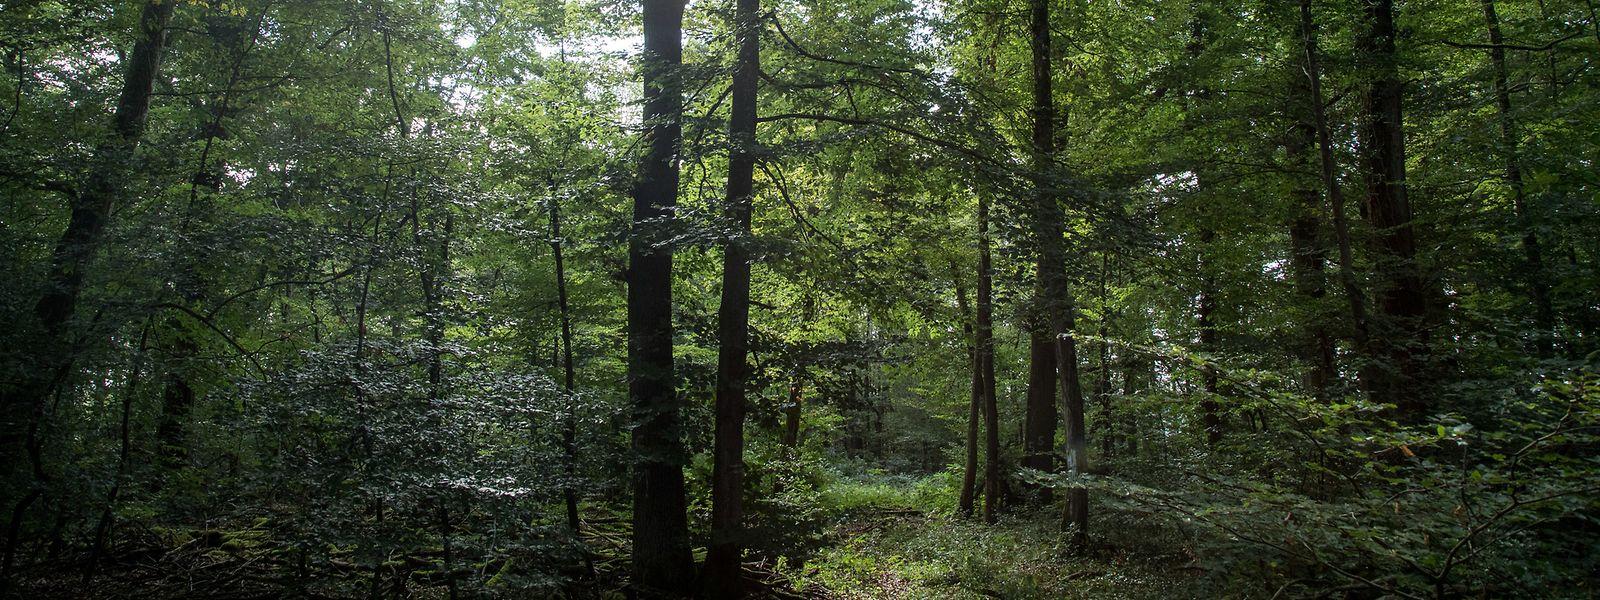 L'image idyllique de la forêt est trompeuse parce qu'en réalité de nombreux arbres sont en mauvais état.